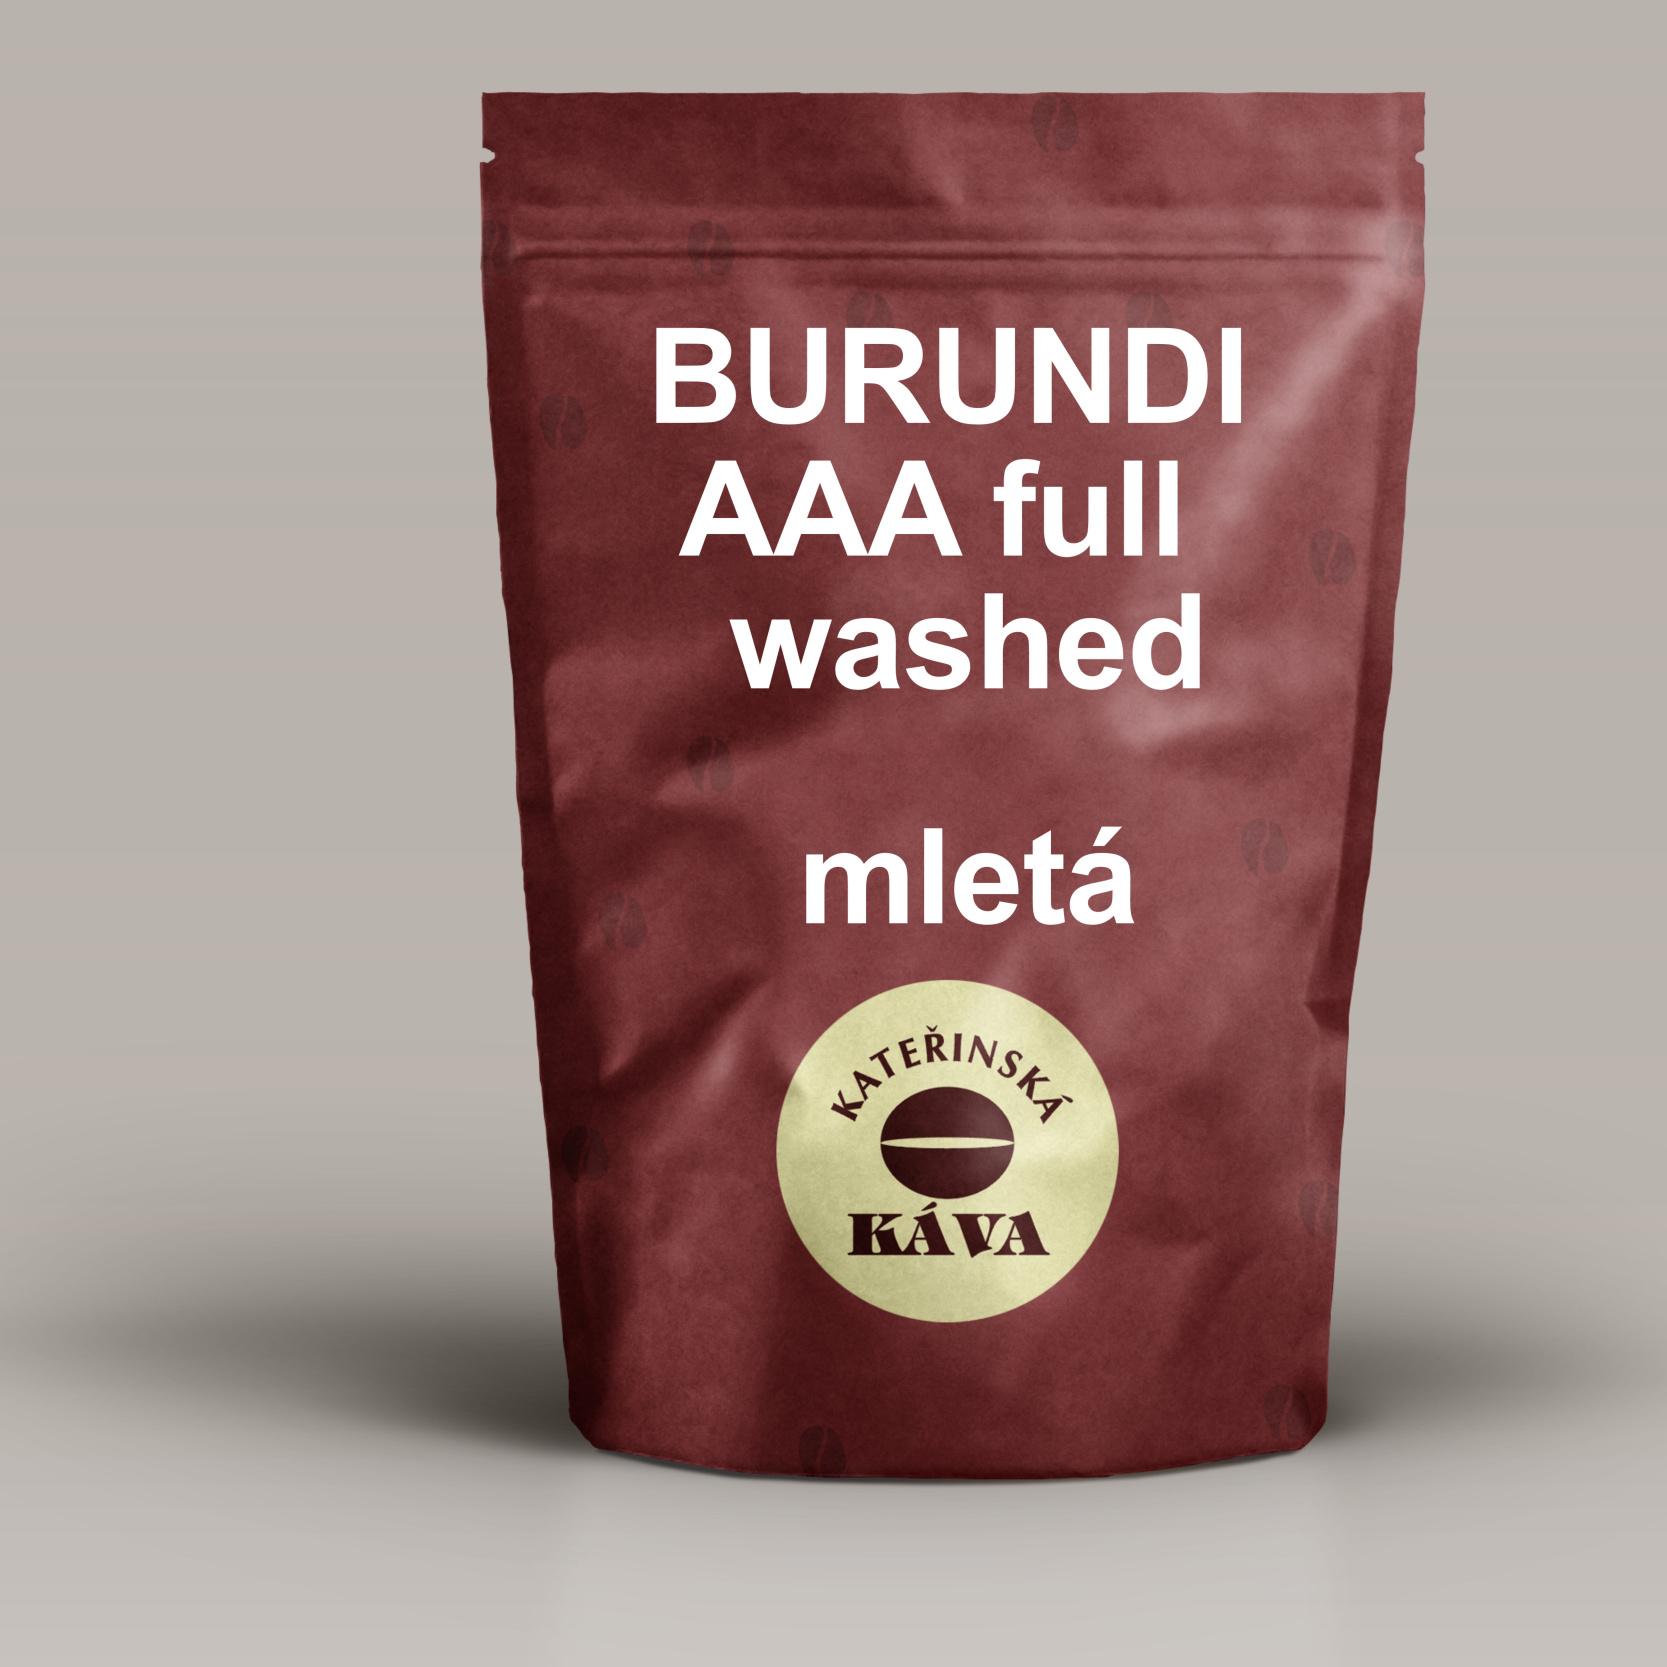 BURUNDI AAA Full Washed -mletá